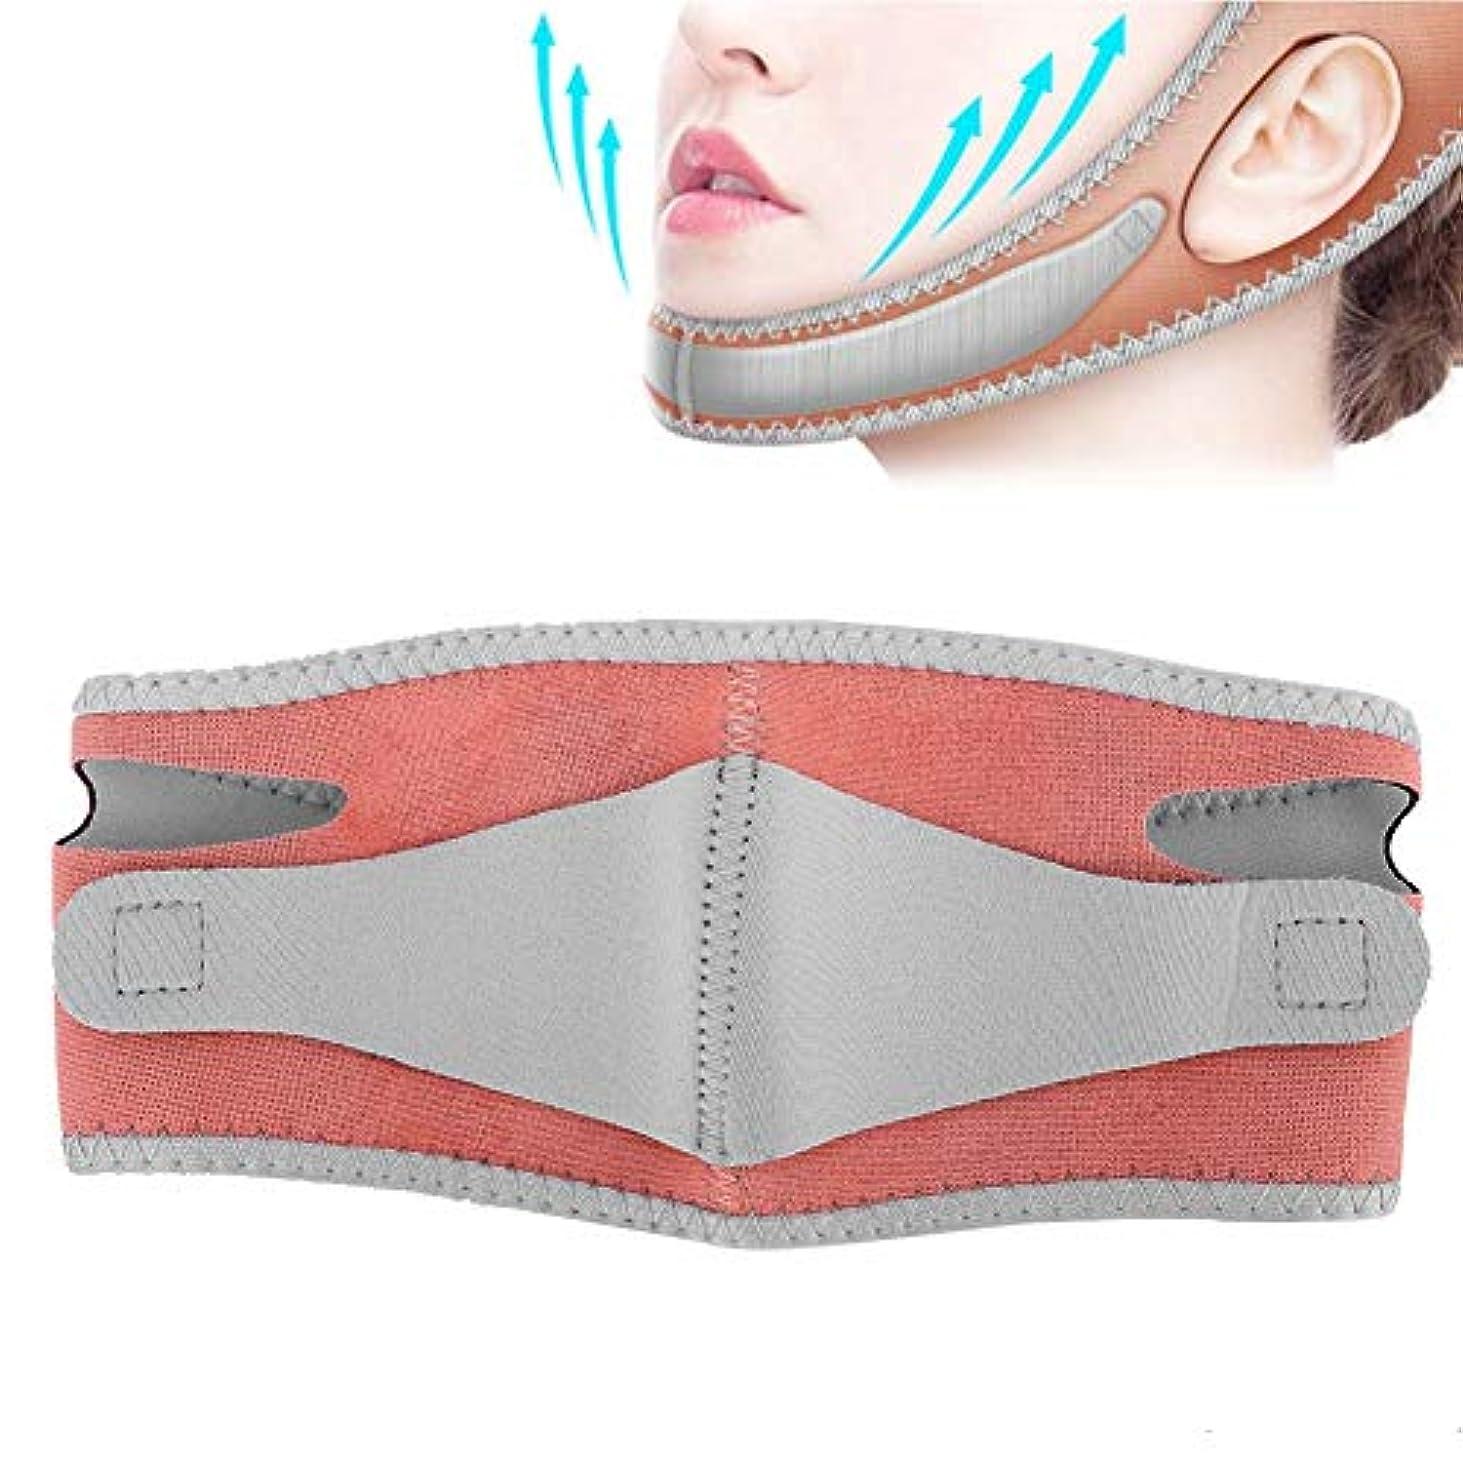 薄い顔包帯顔、Vフェイスラインスリムダブルチンチークスリムリフトアップ引き締まった肌防止マスクあなたが顔の肌を引き締めるのに役立ちます